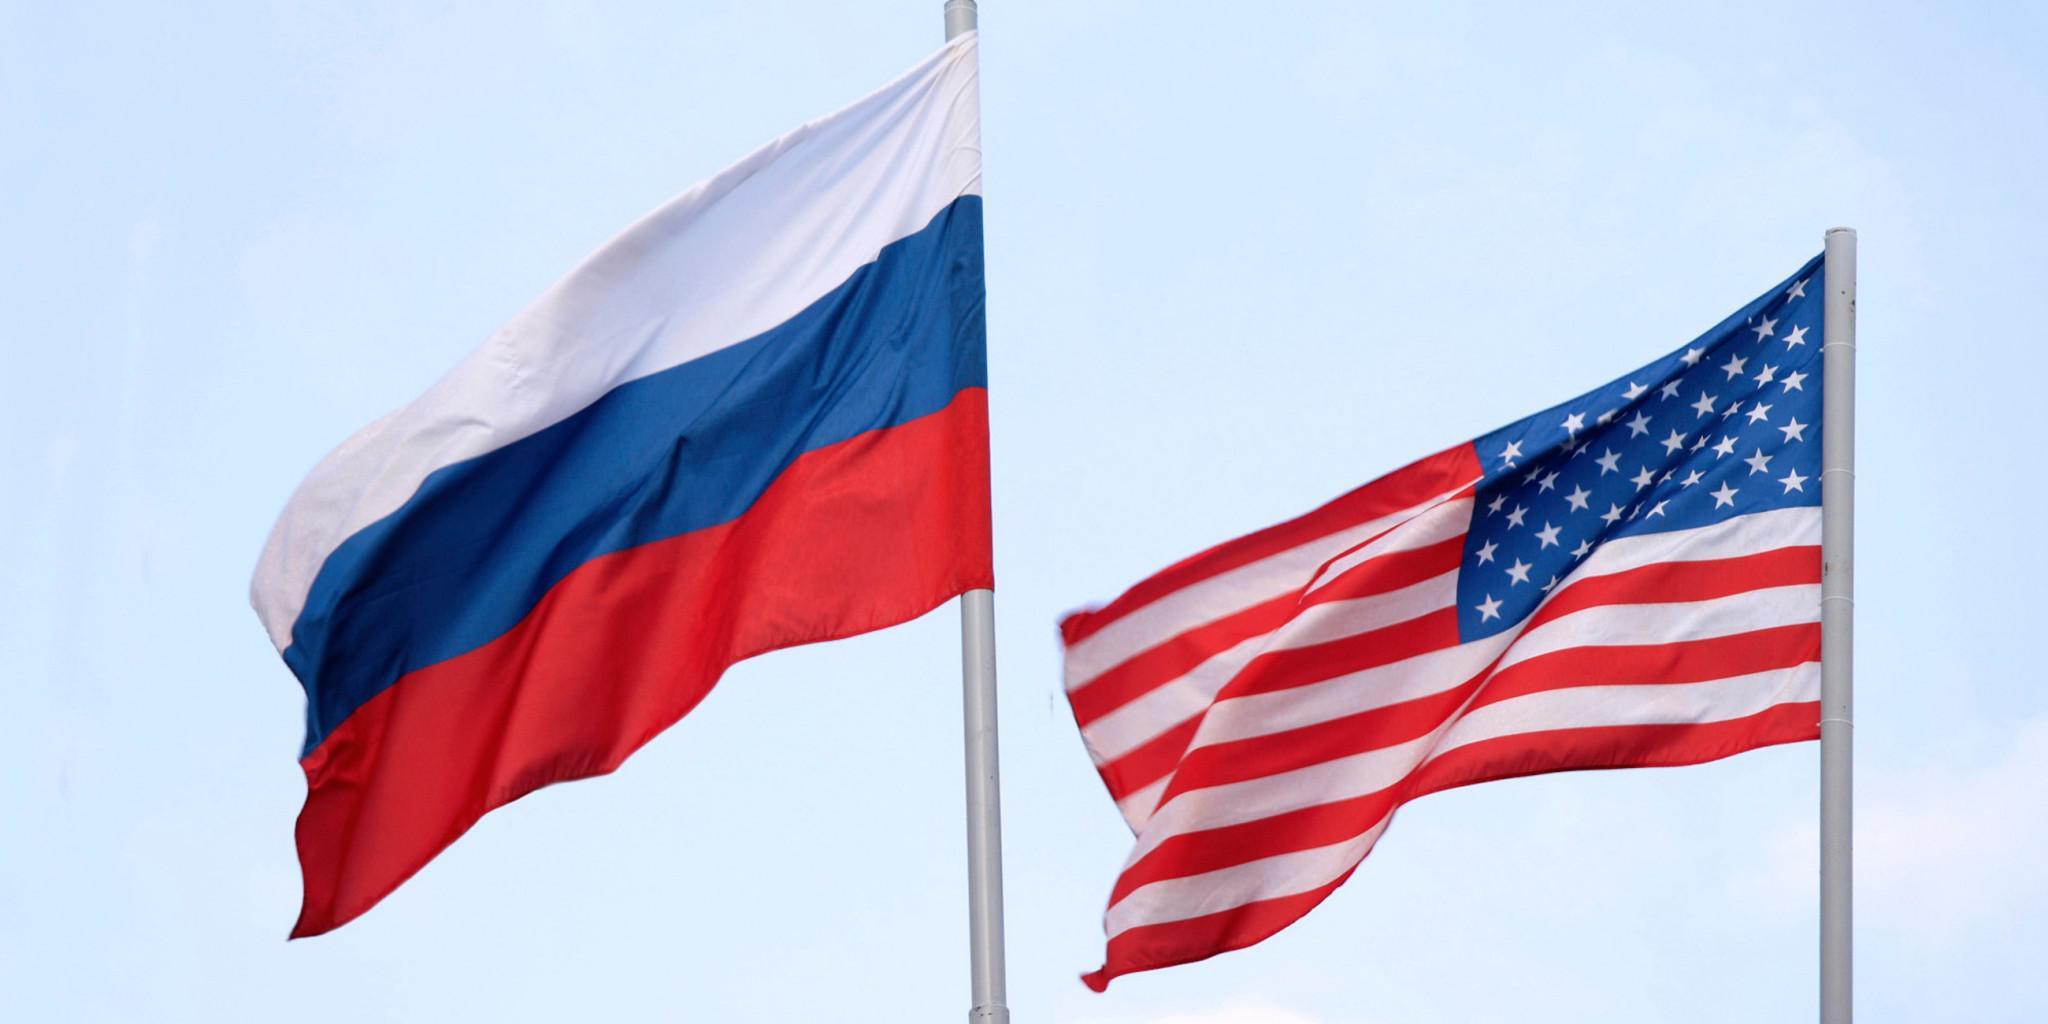 Ρωσία σε ΗΠΑ: Μείνετε μακριά - Μεγάλος ο κίνδυνος «συμβάντος»